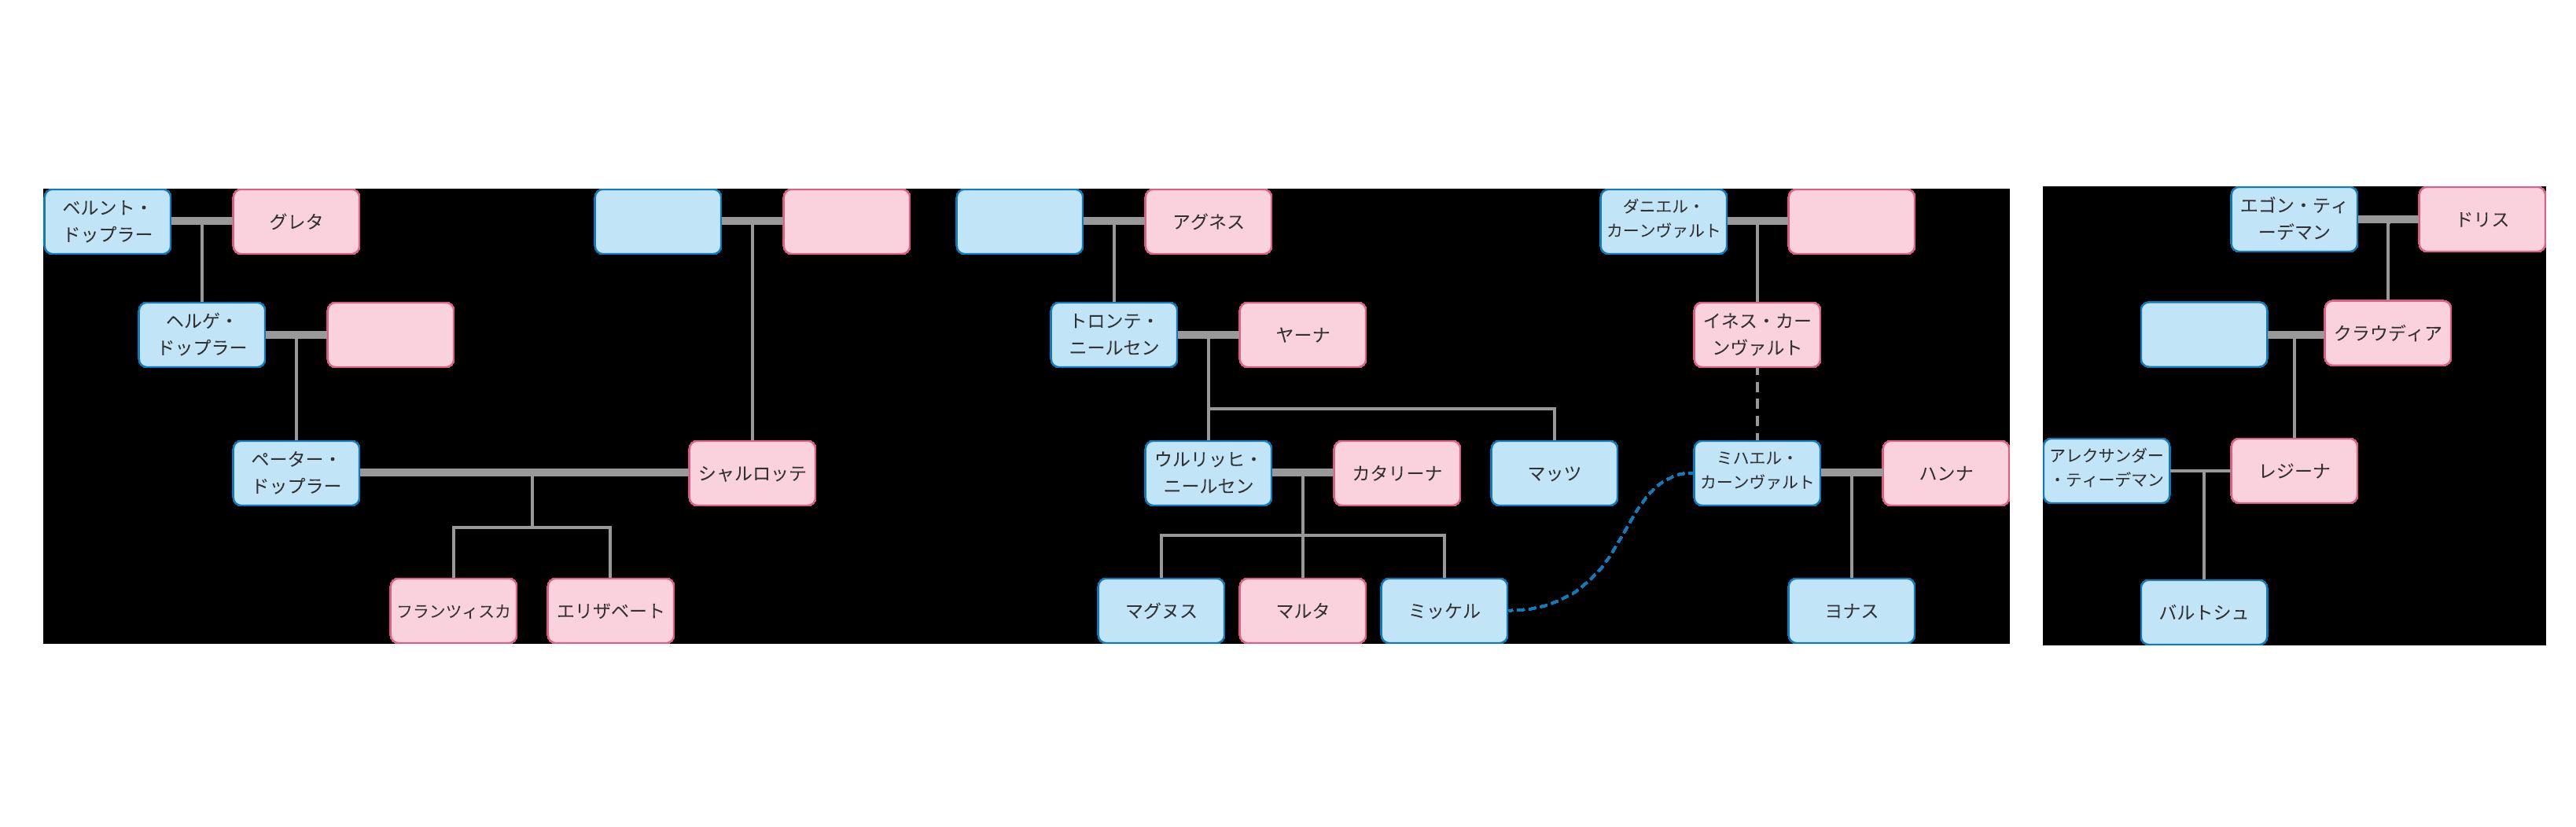 ダーク家系図